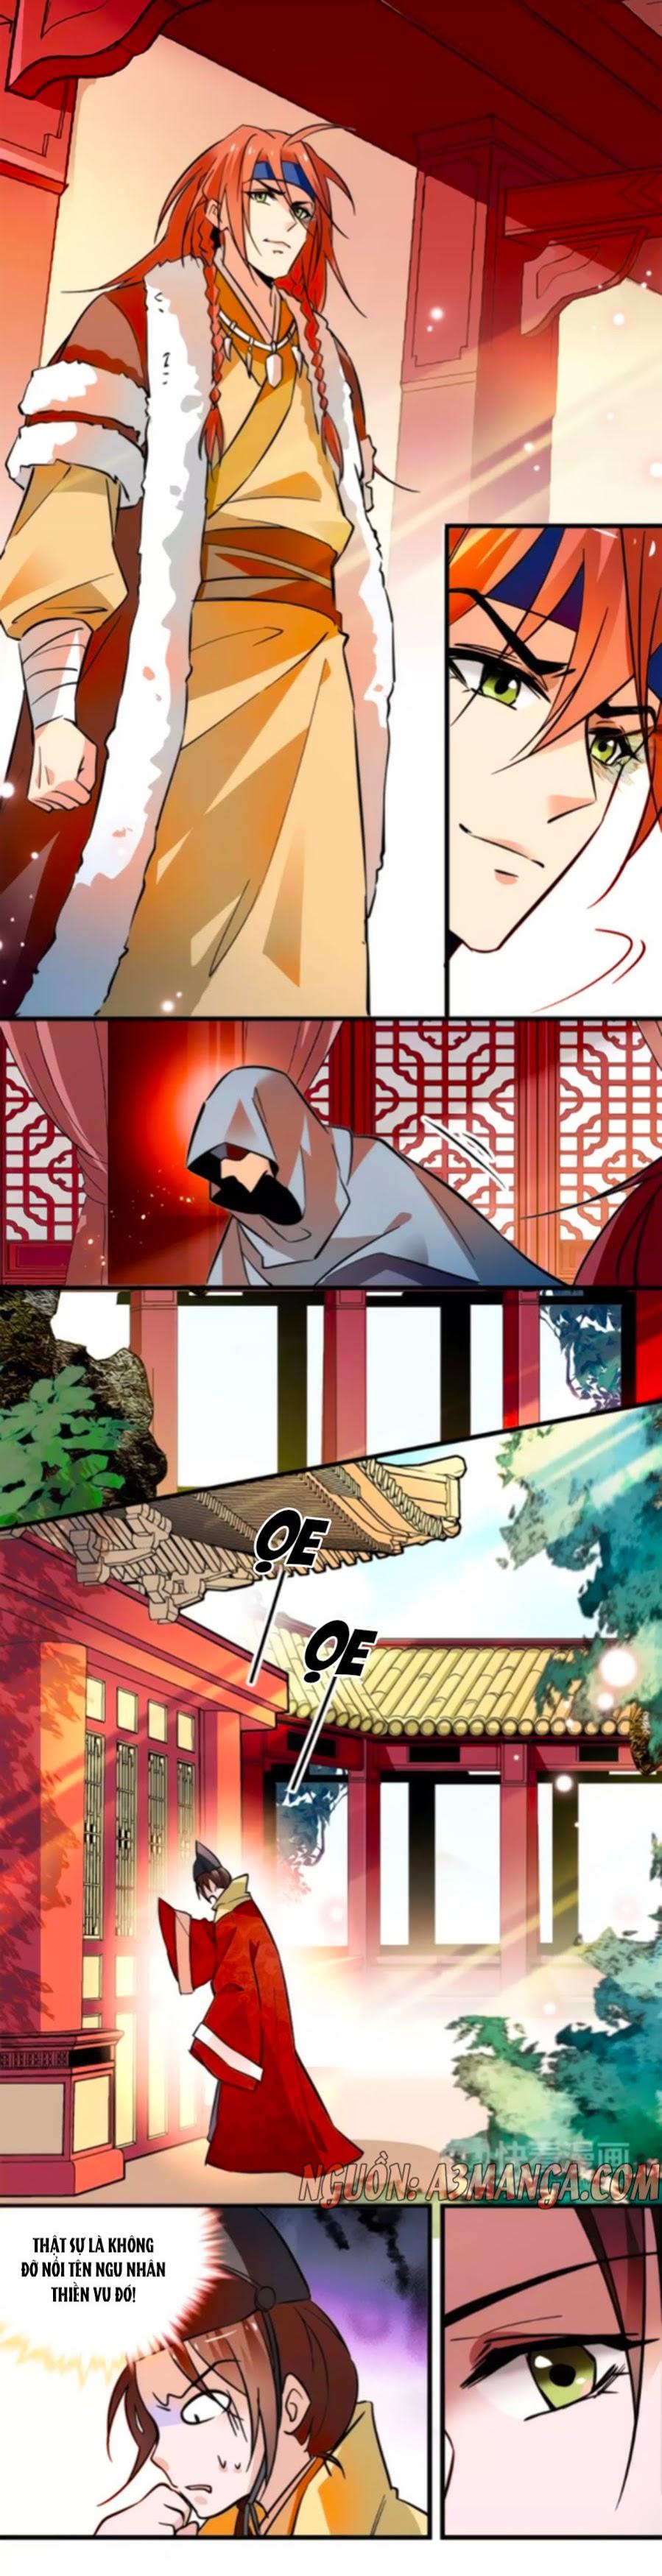 Hoàng Thượng! Hãy Sủng Ái Ta Đi! – Chap 68